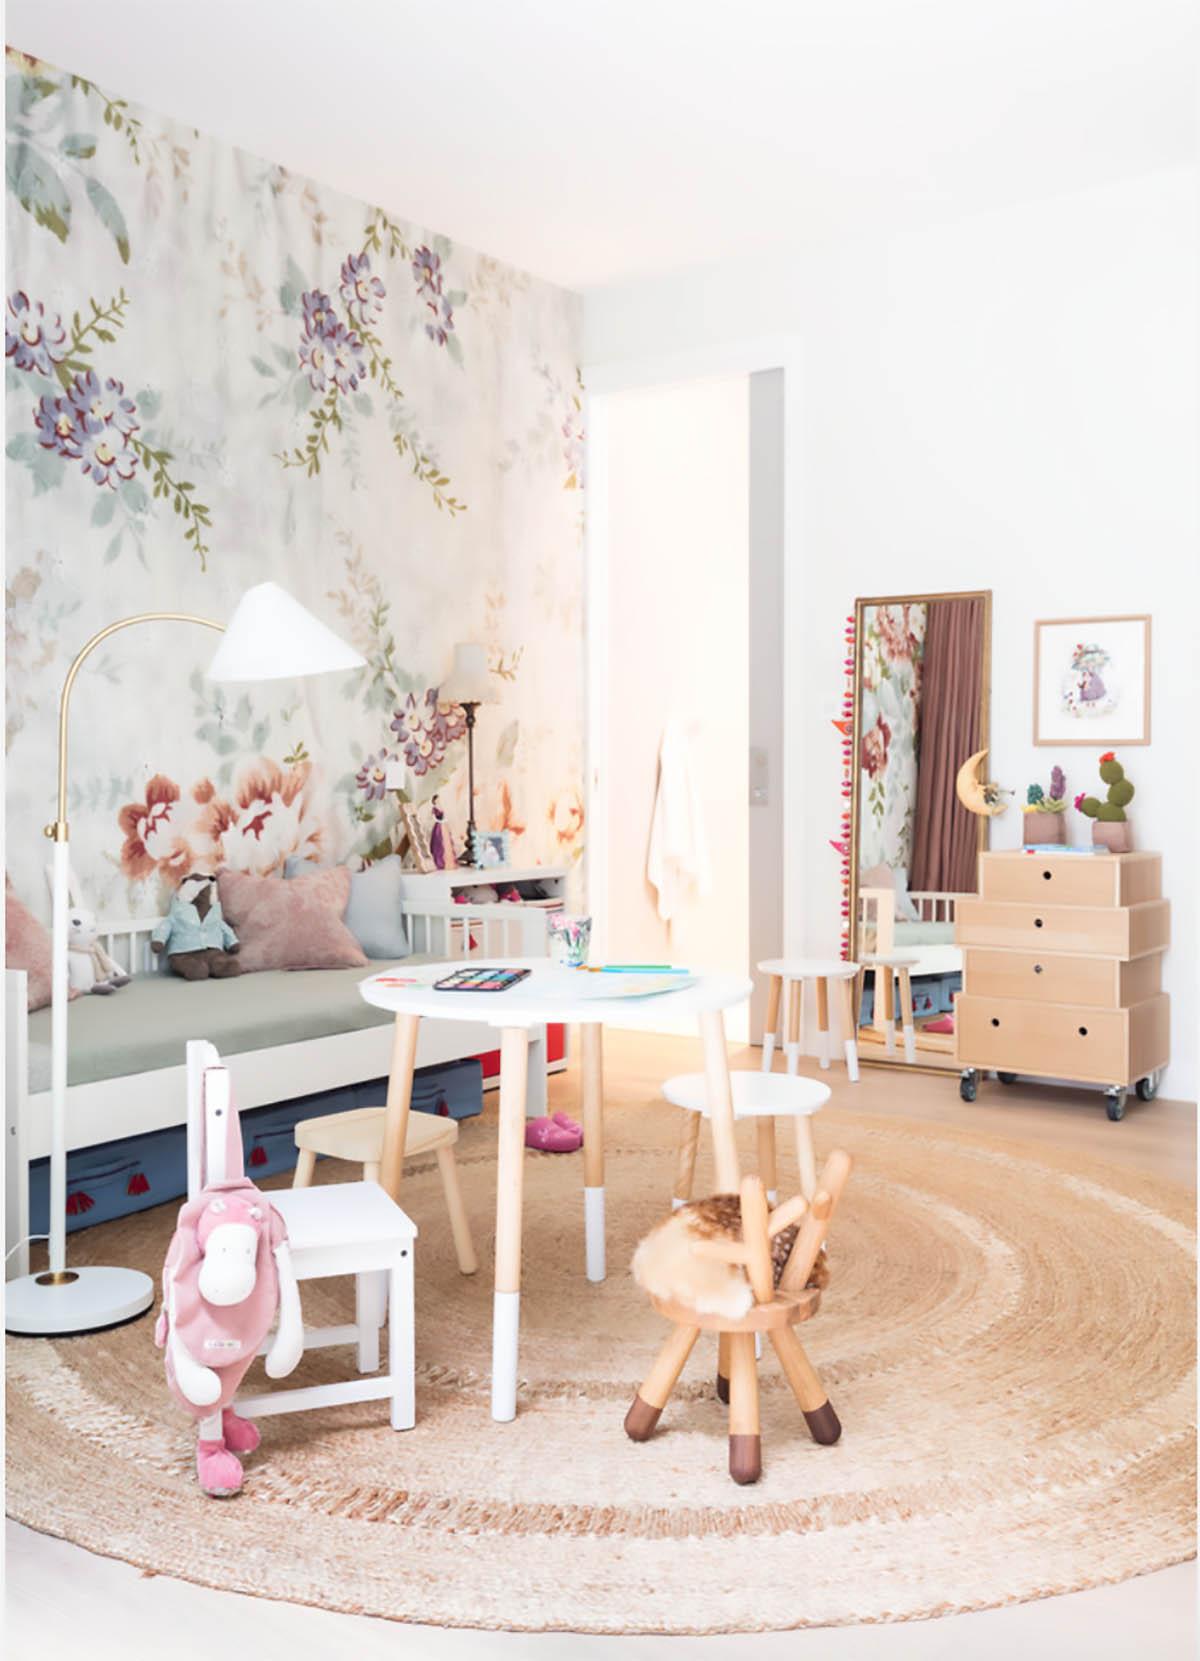 round jute rug in playroom